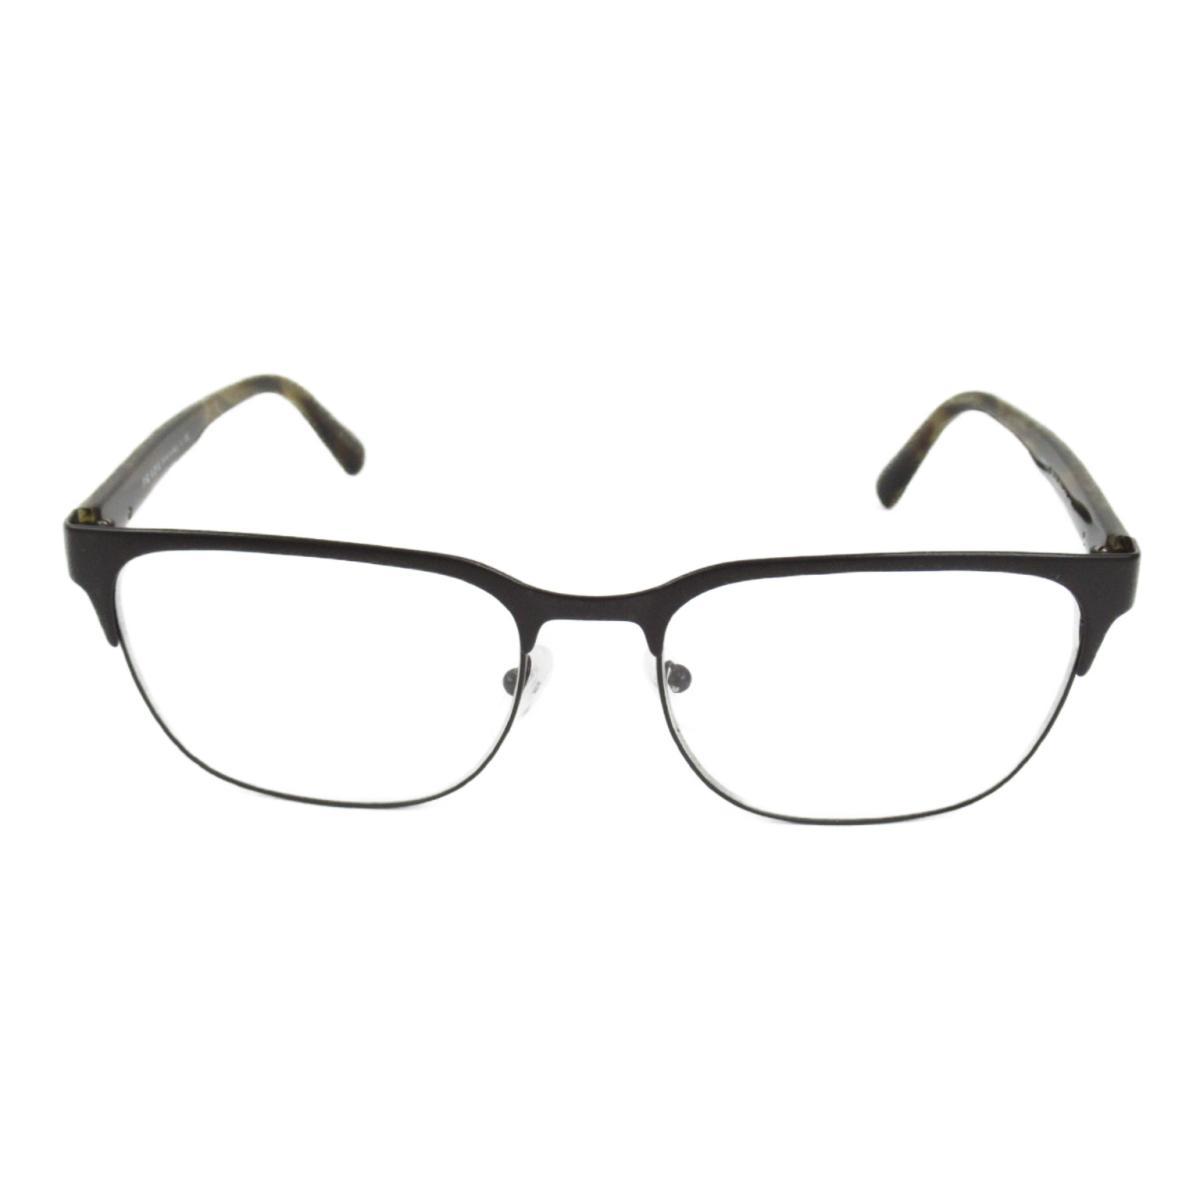 プラダ レンズフレーム メンズ レディース レンズ:デモレンズ/テンプル:アセテート/フレーム:メタル ブラウン (57UV ROU/101 (56) ) | PRADA BRANDOFF ブランドオフ ブランド ブランド雑貨 小物 雑貨 サングラス 眼鏡 メガネ めがね